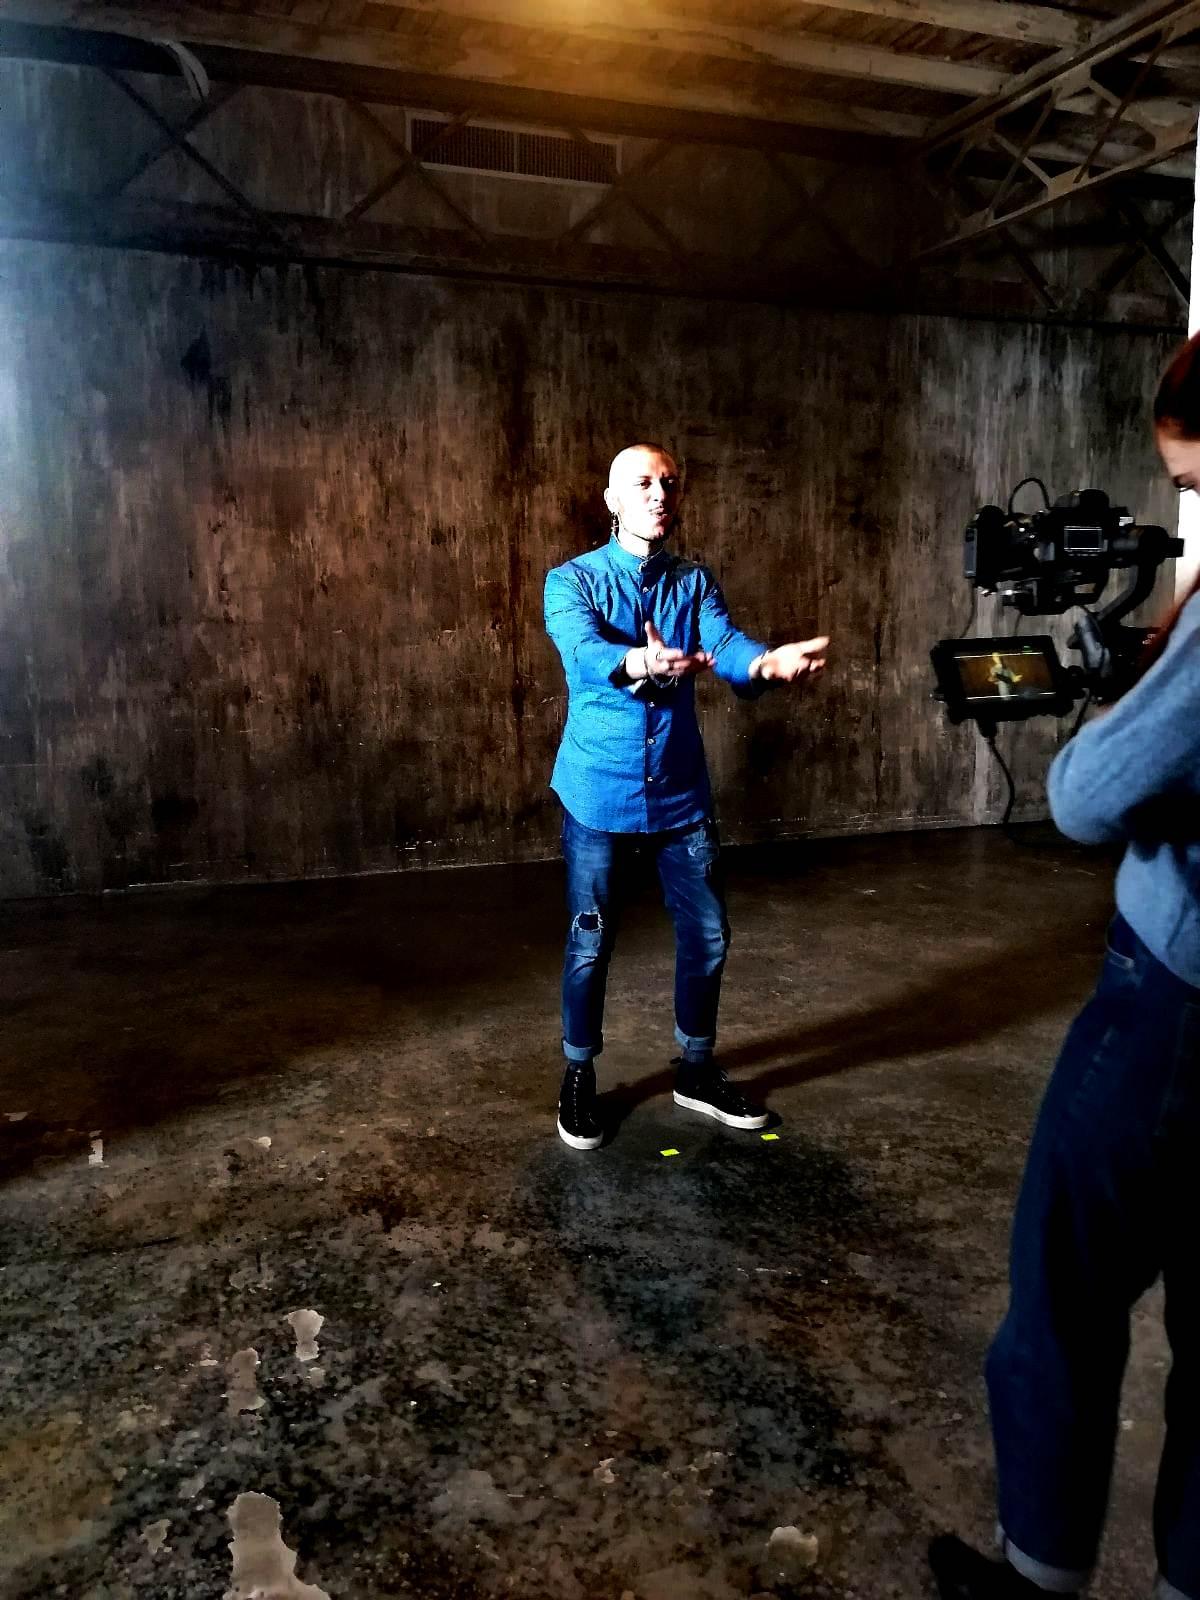 Marco Sentieri esce il video ufficiale Billy Blu contro bullismo e cyberbullismo